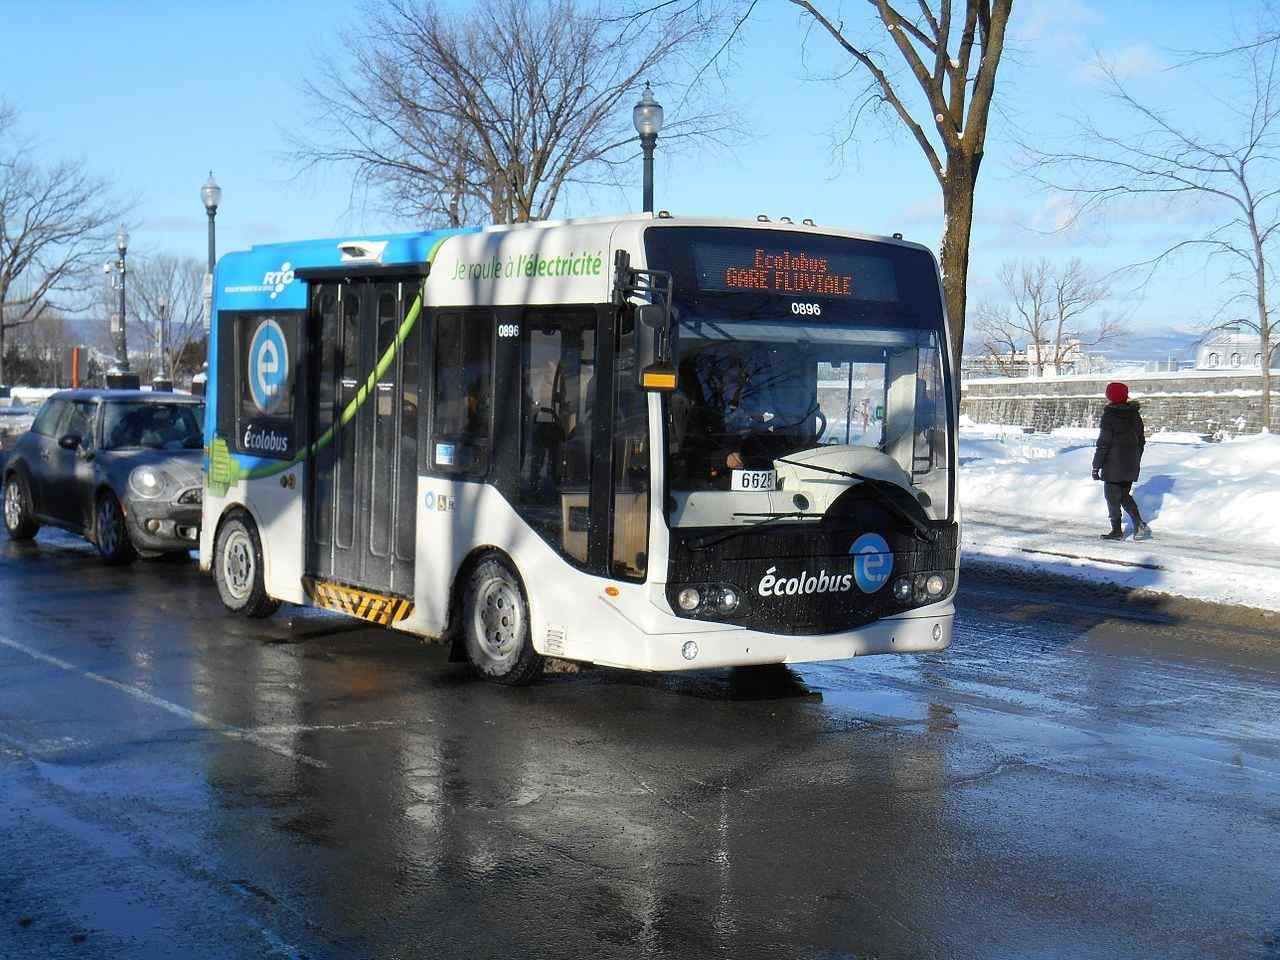 Miasta zakupią 780 autobusów elektrycznych